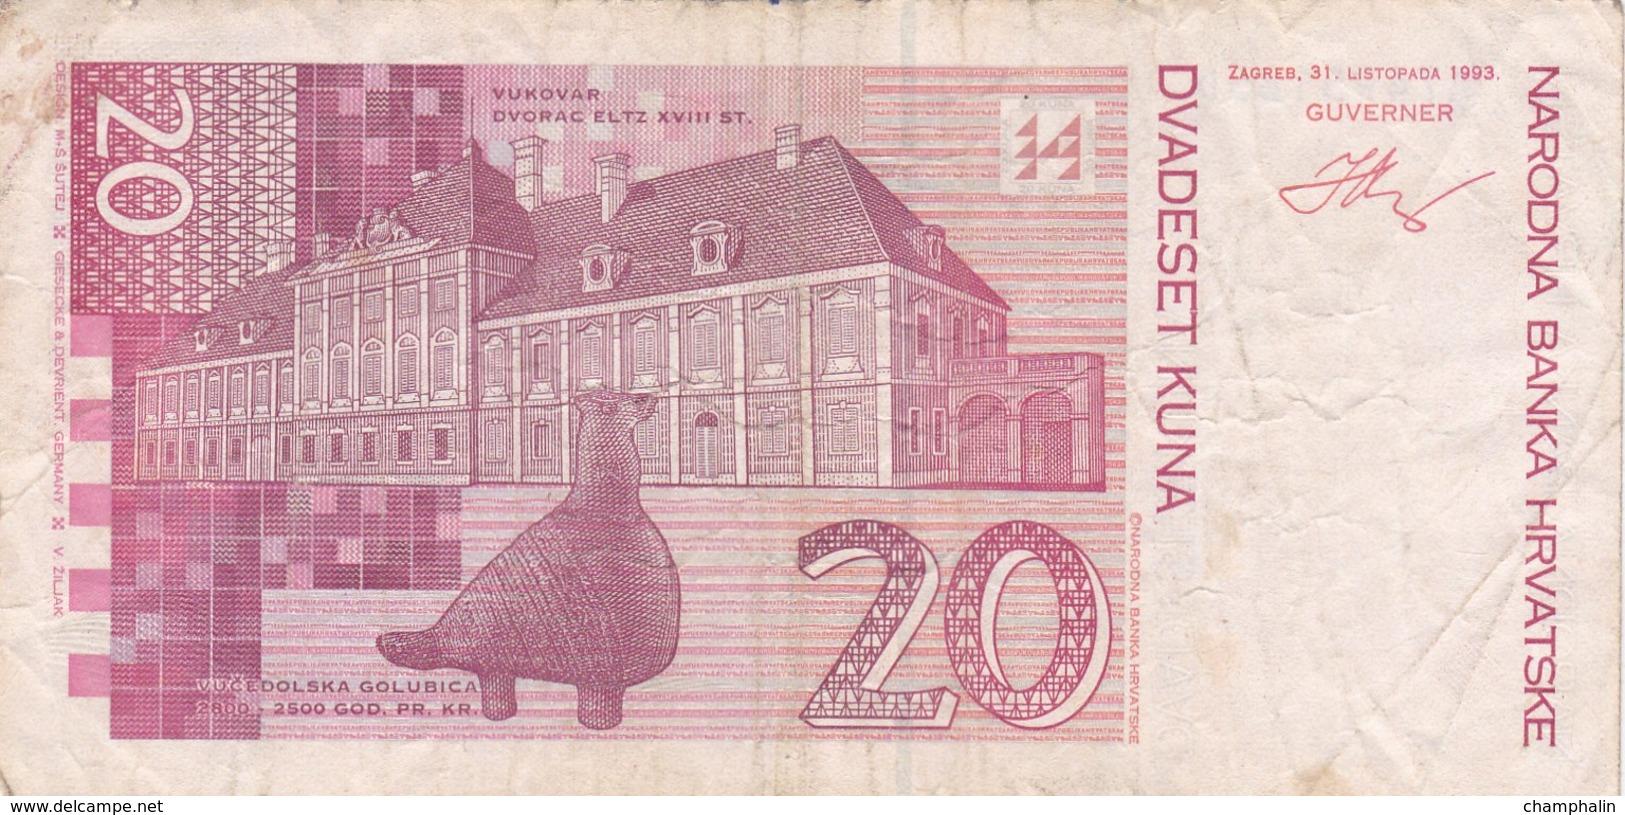 Croatie - Billet De 20 Kuna - Josip Jelacic - 31 Octobre 1993 - Croatie